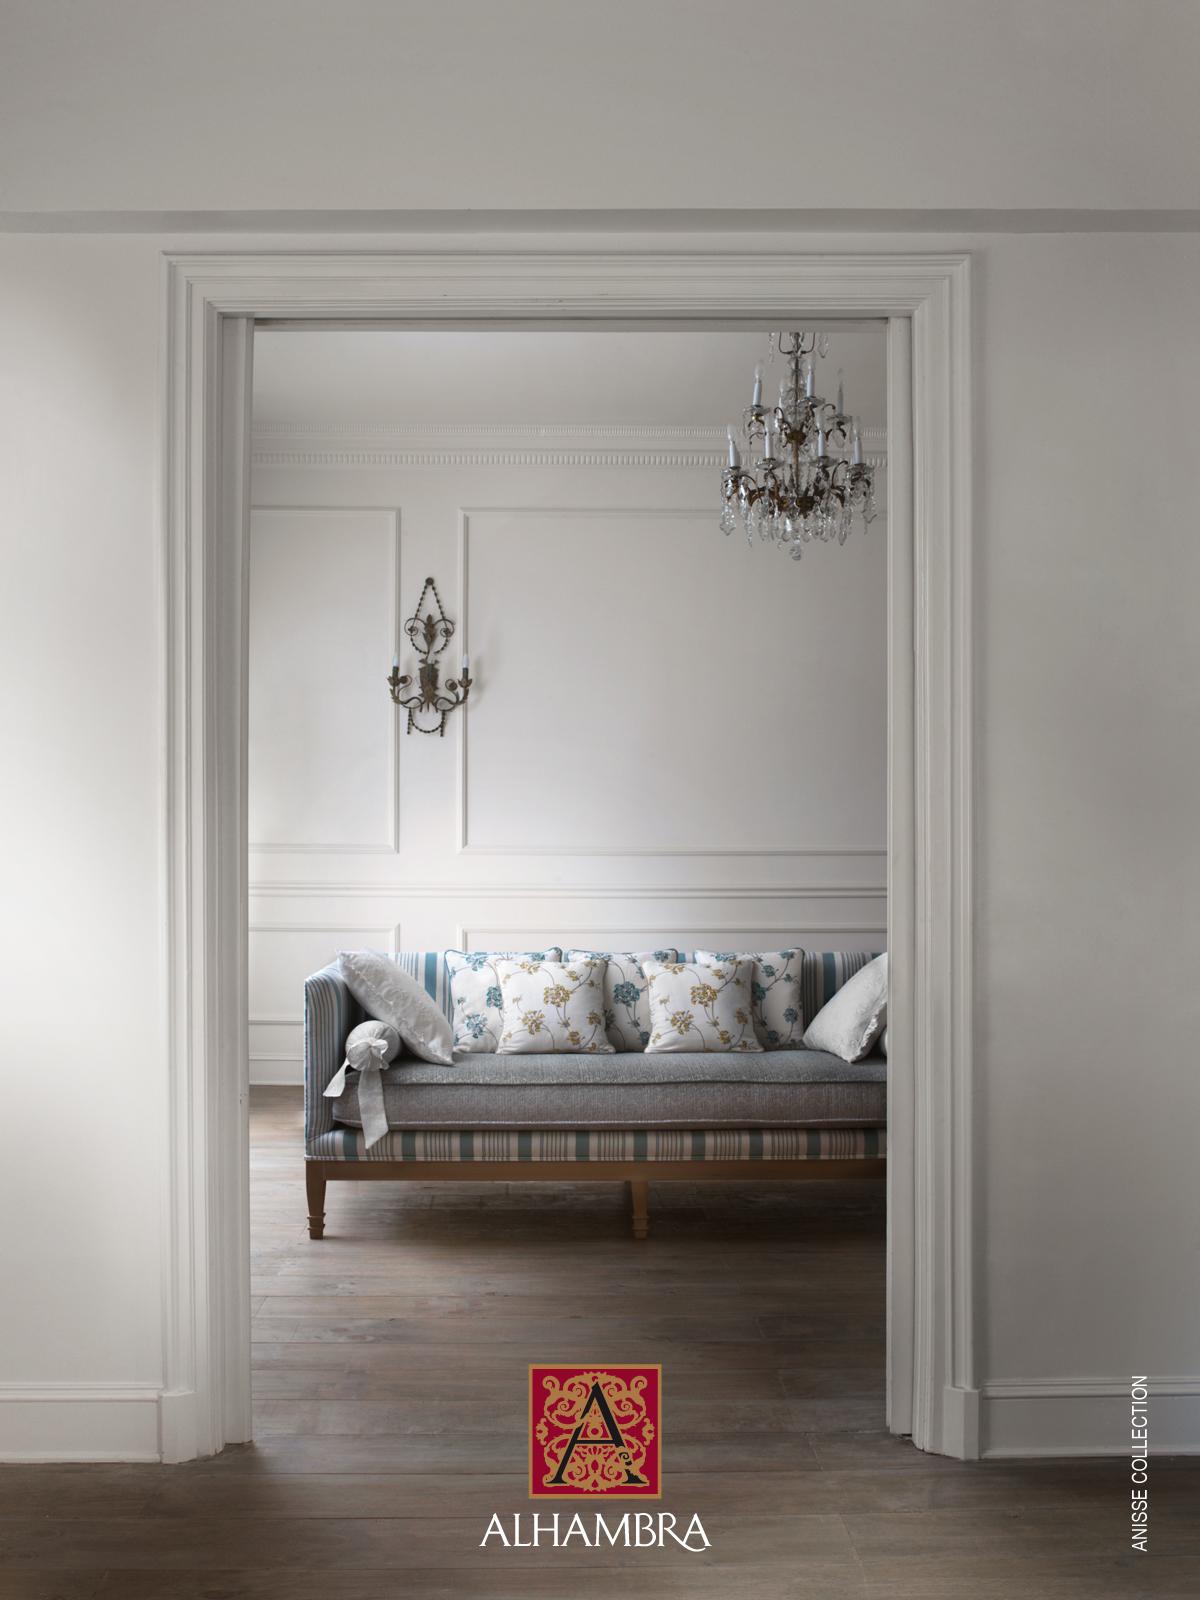 Decora con telas rom nticas villalba interiorismo - Tapizar cojines sofa ...